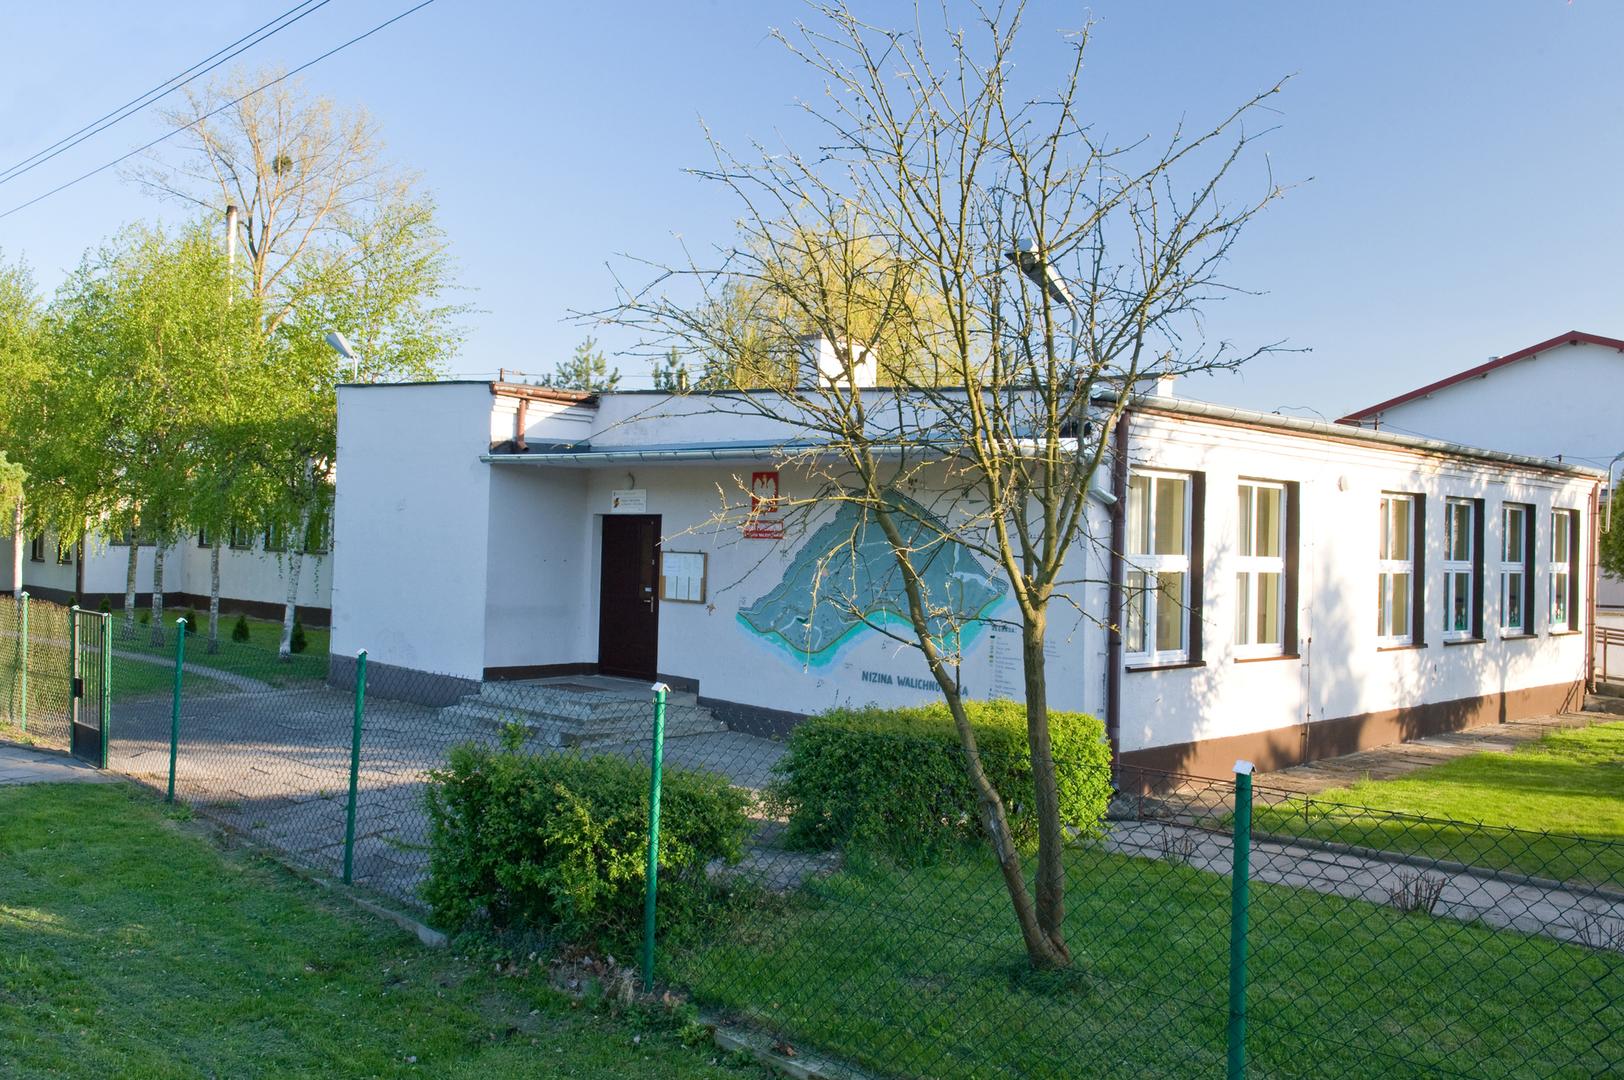 Szkoła Podstawowa w Małych Walichnowach [3938x2620]